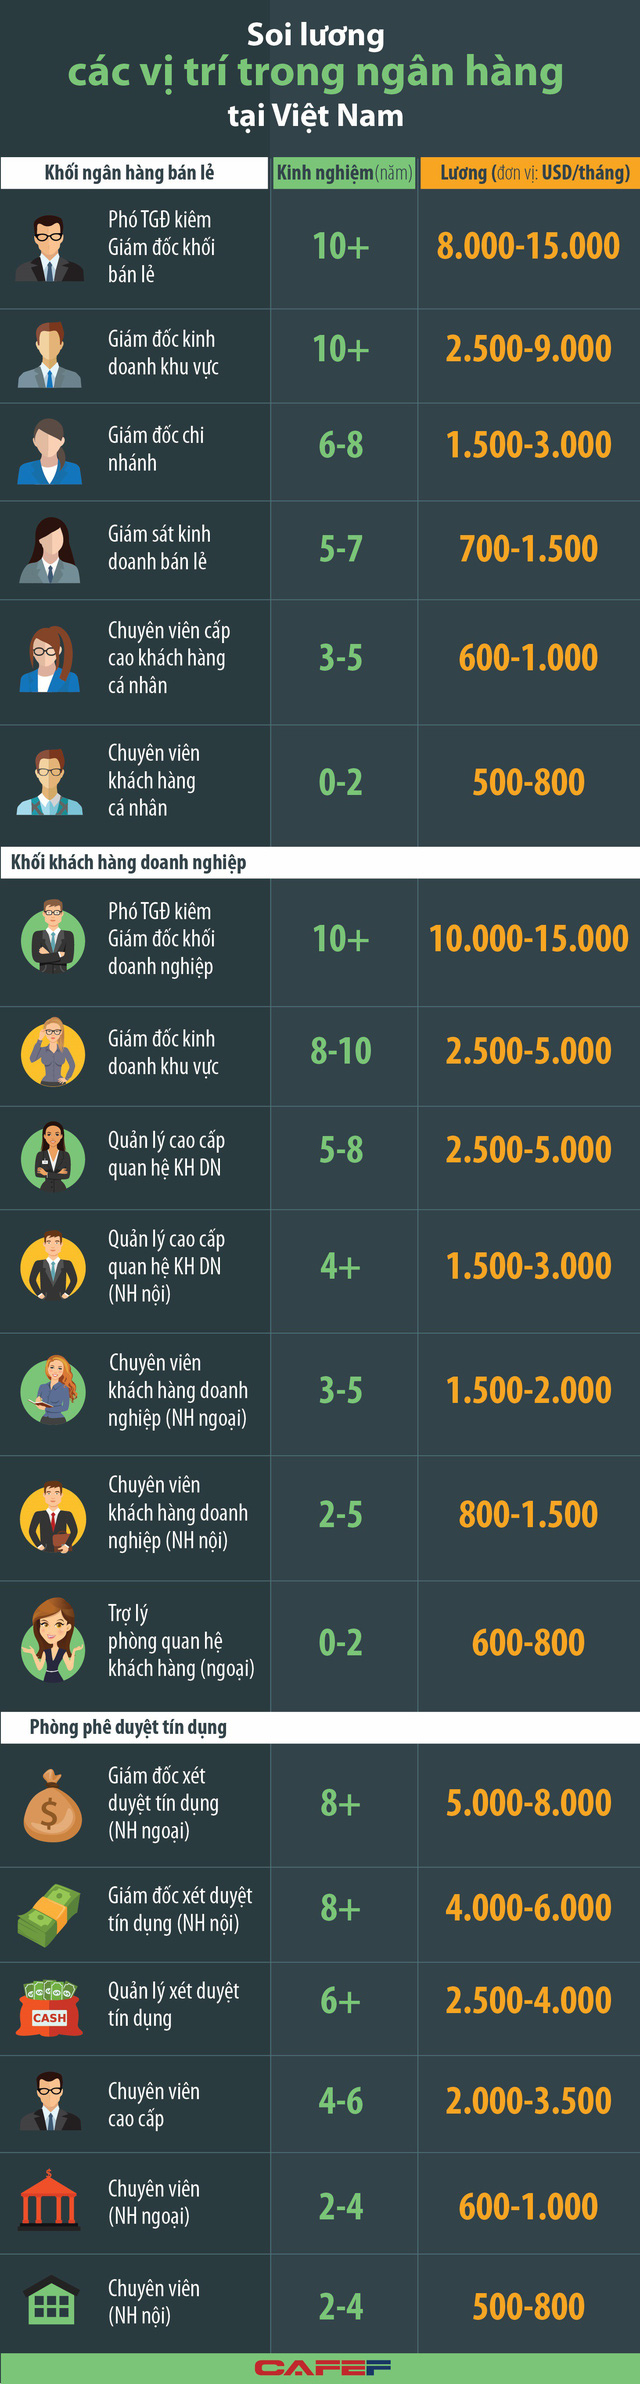 Lương các vị trí nhân sự trong ngân hàng Việt hiện nay ra sao? - Ảnh 1.